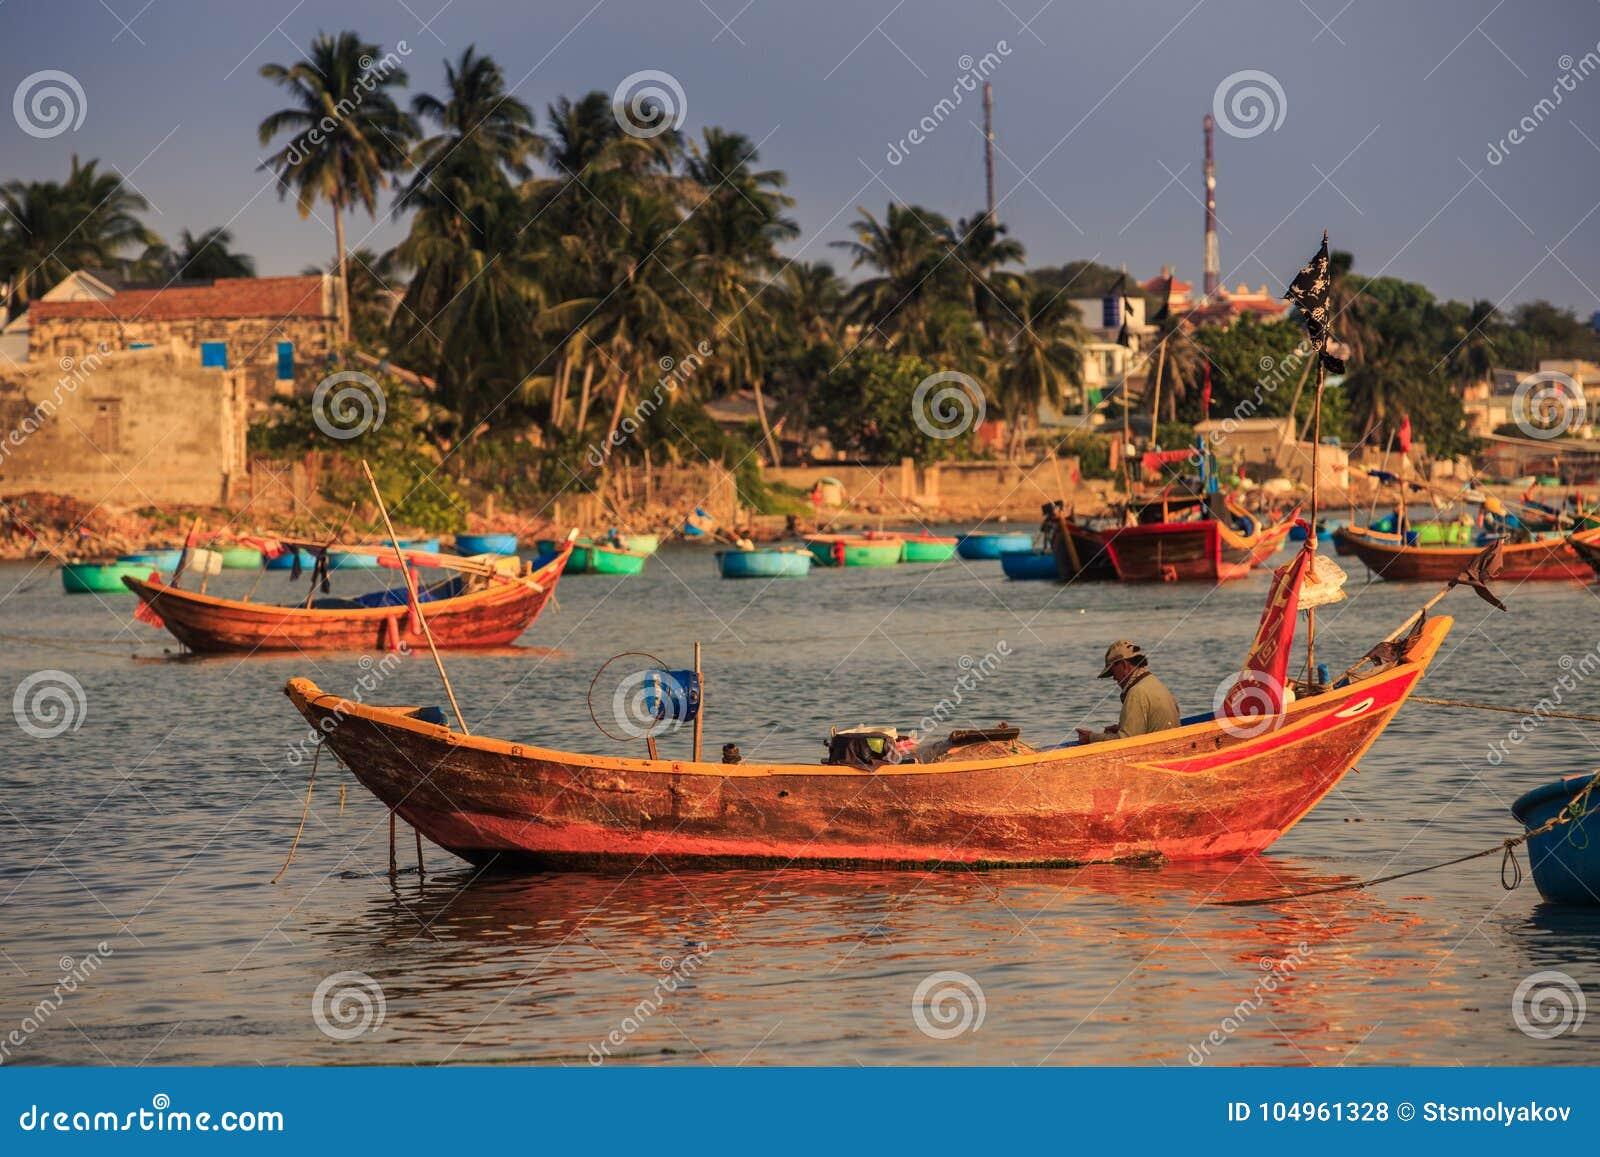 Grote Houten Boot.Aziatische Oude Visser Sits In Grote Houten Boot In Overzeese Baai